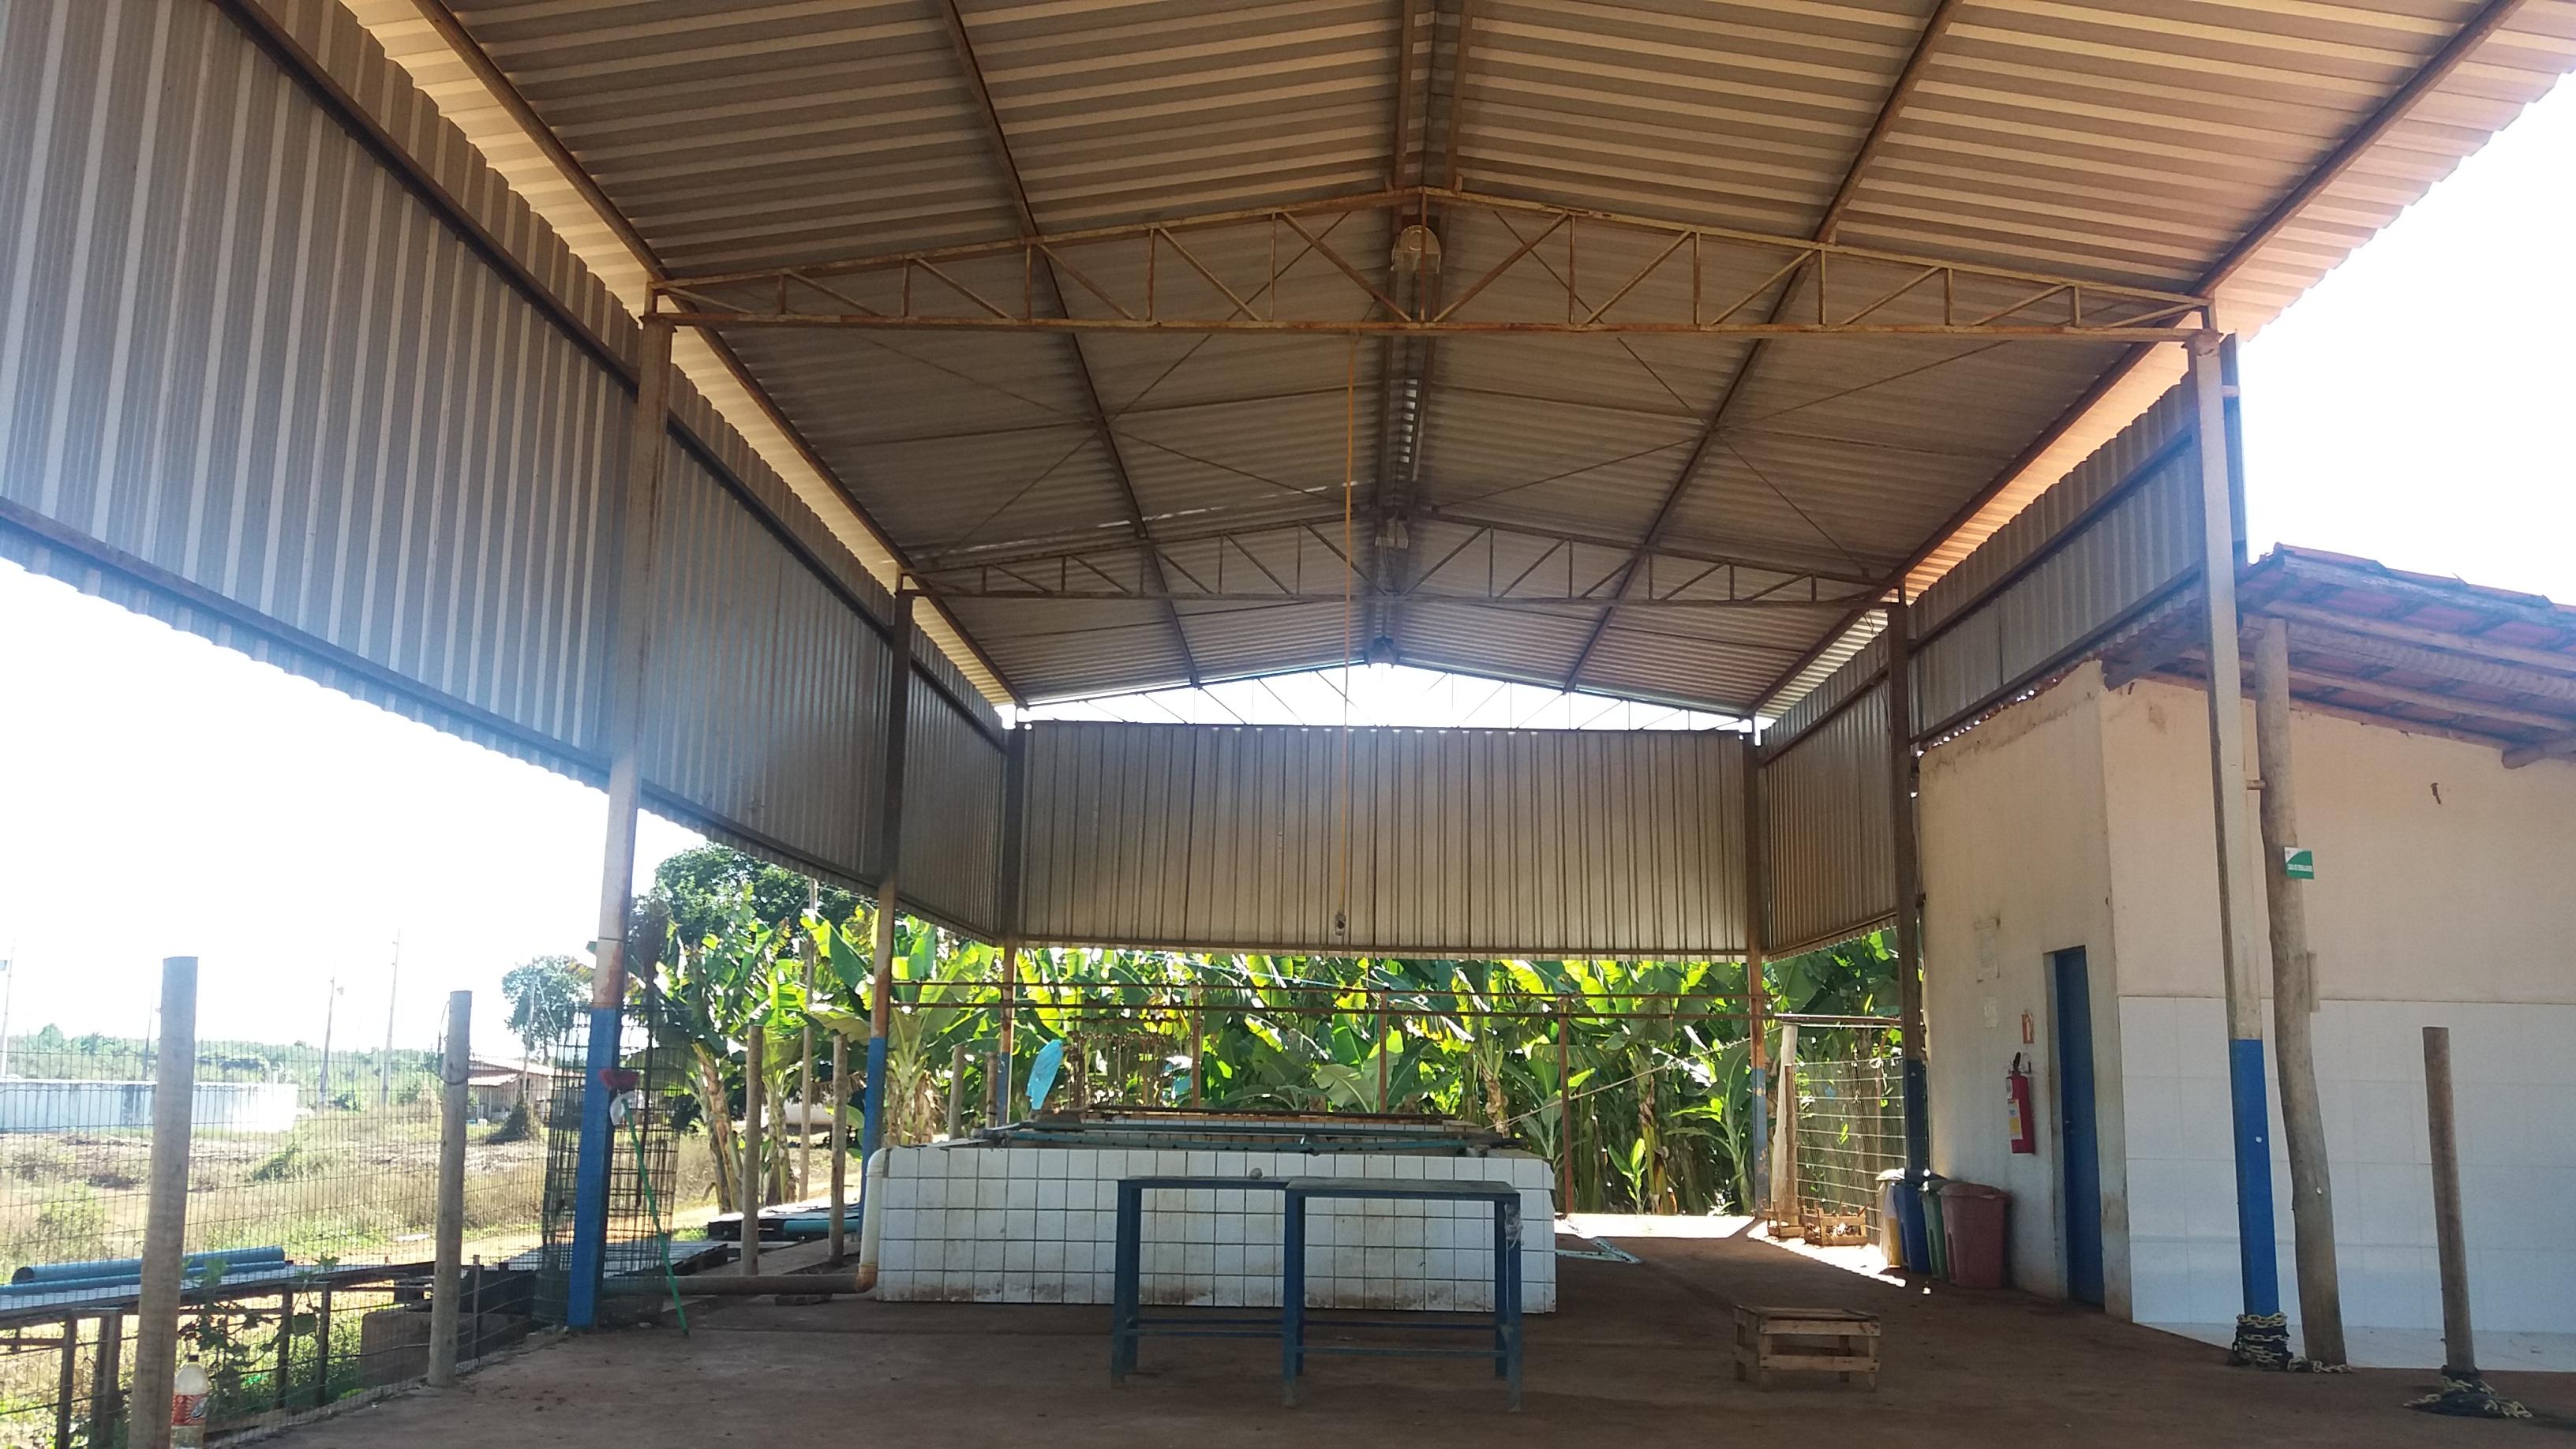 Venda de ÁREA C/ PLANTIO DE BANANA